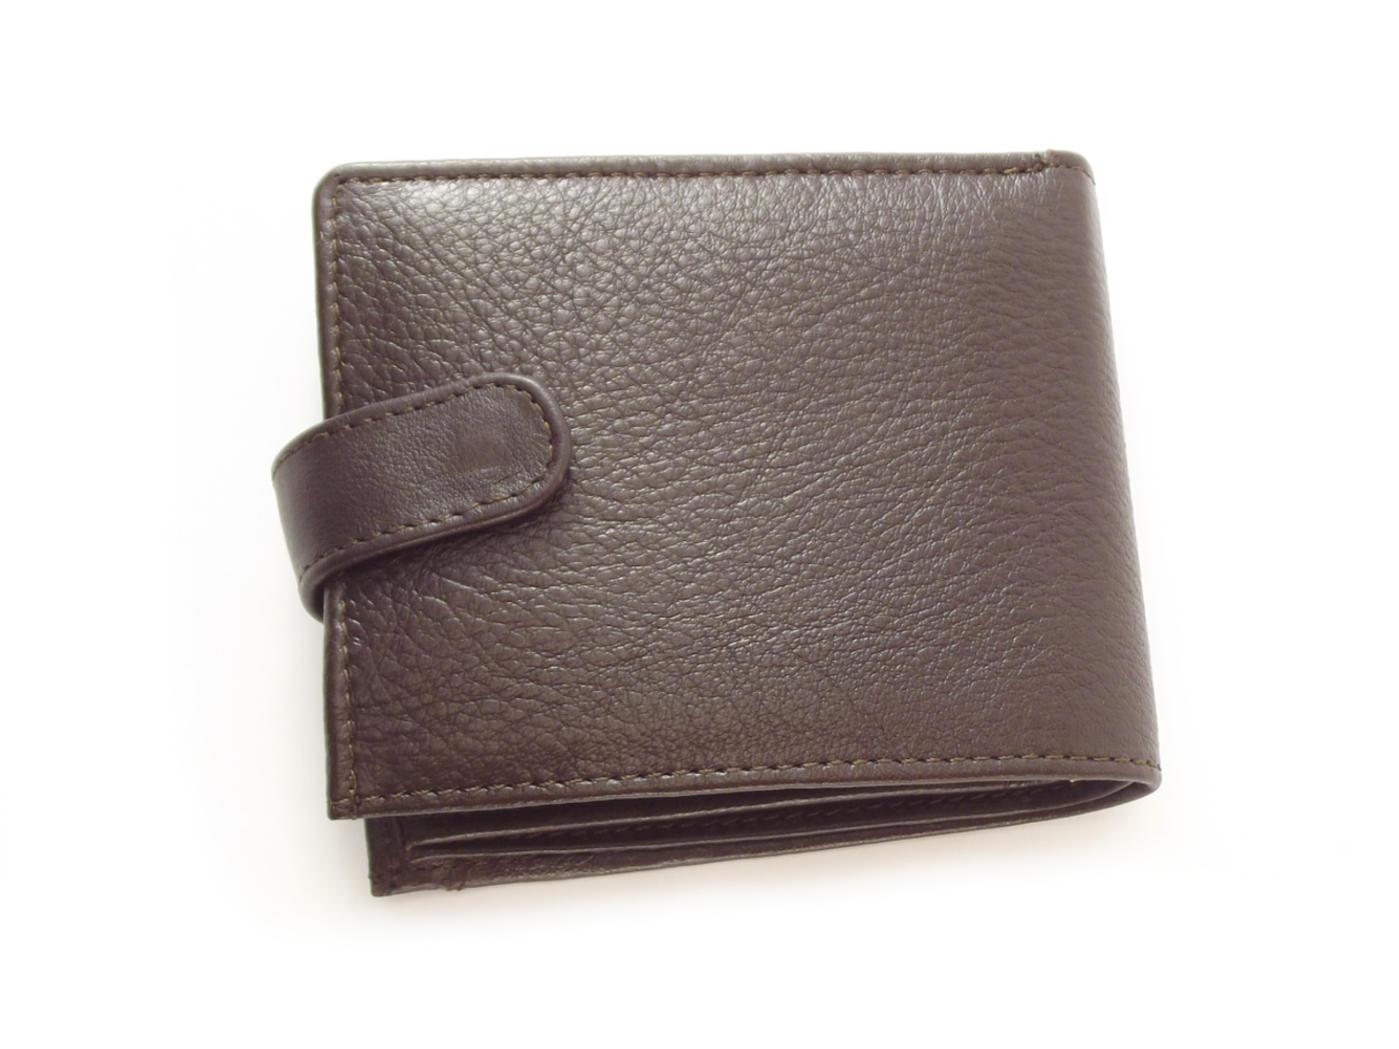 Genuine leather bifold credit card wallet   Der Lederhandler